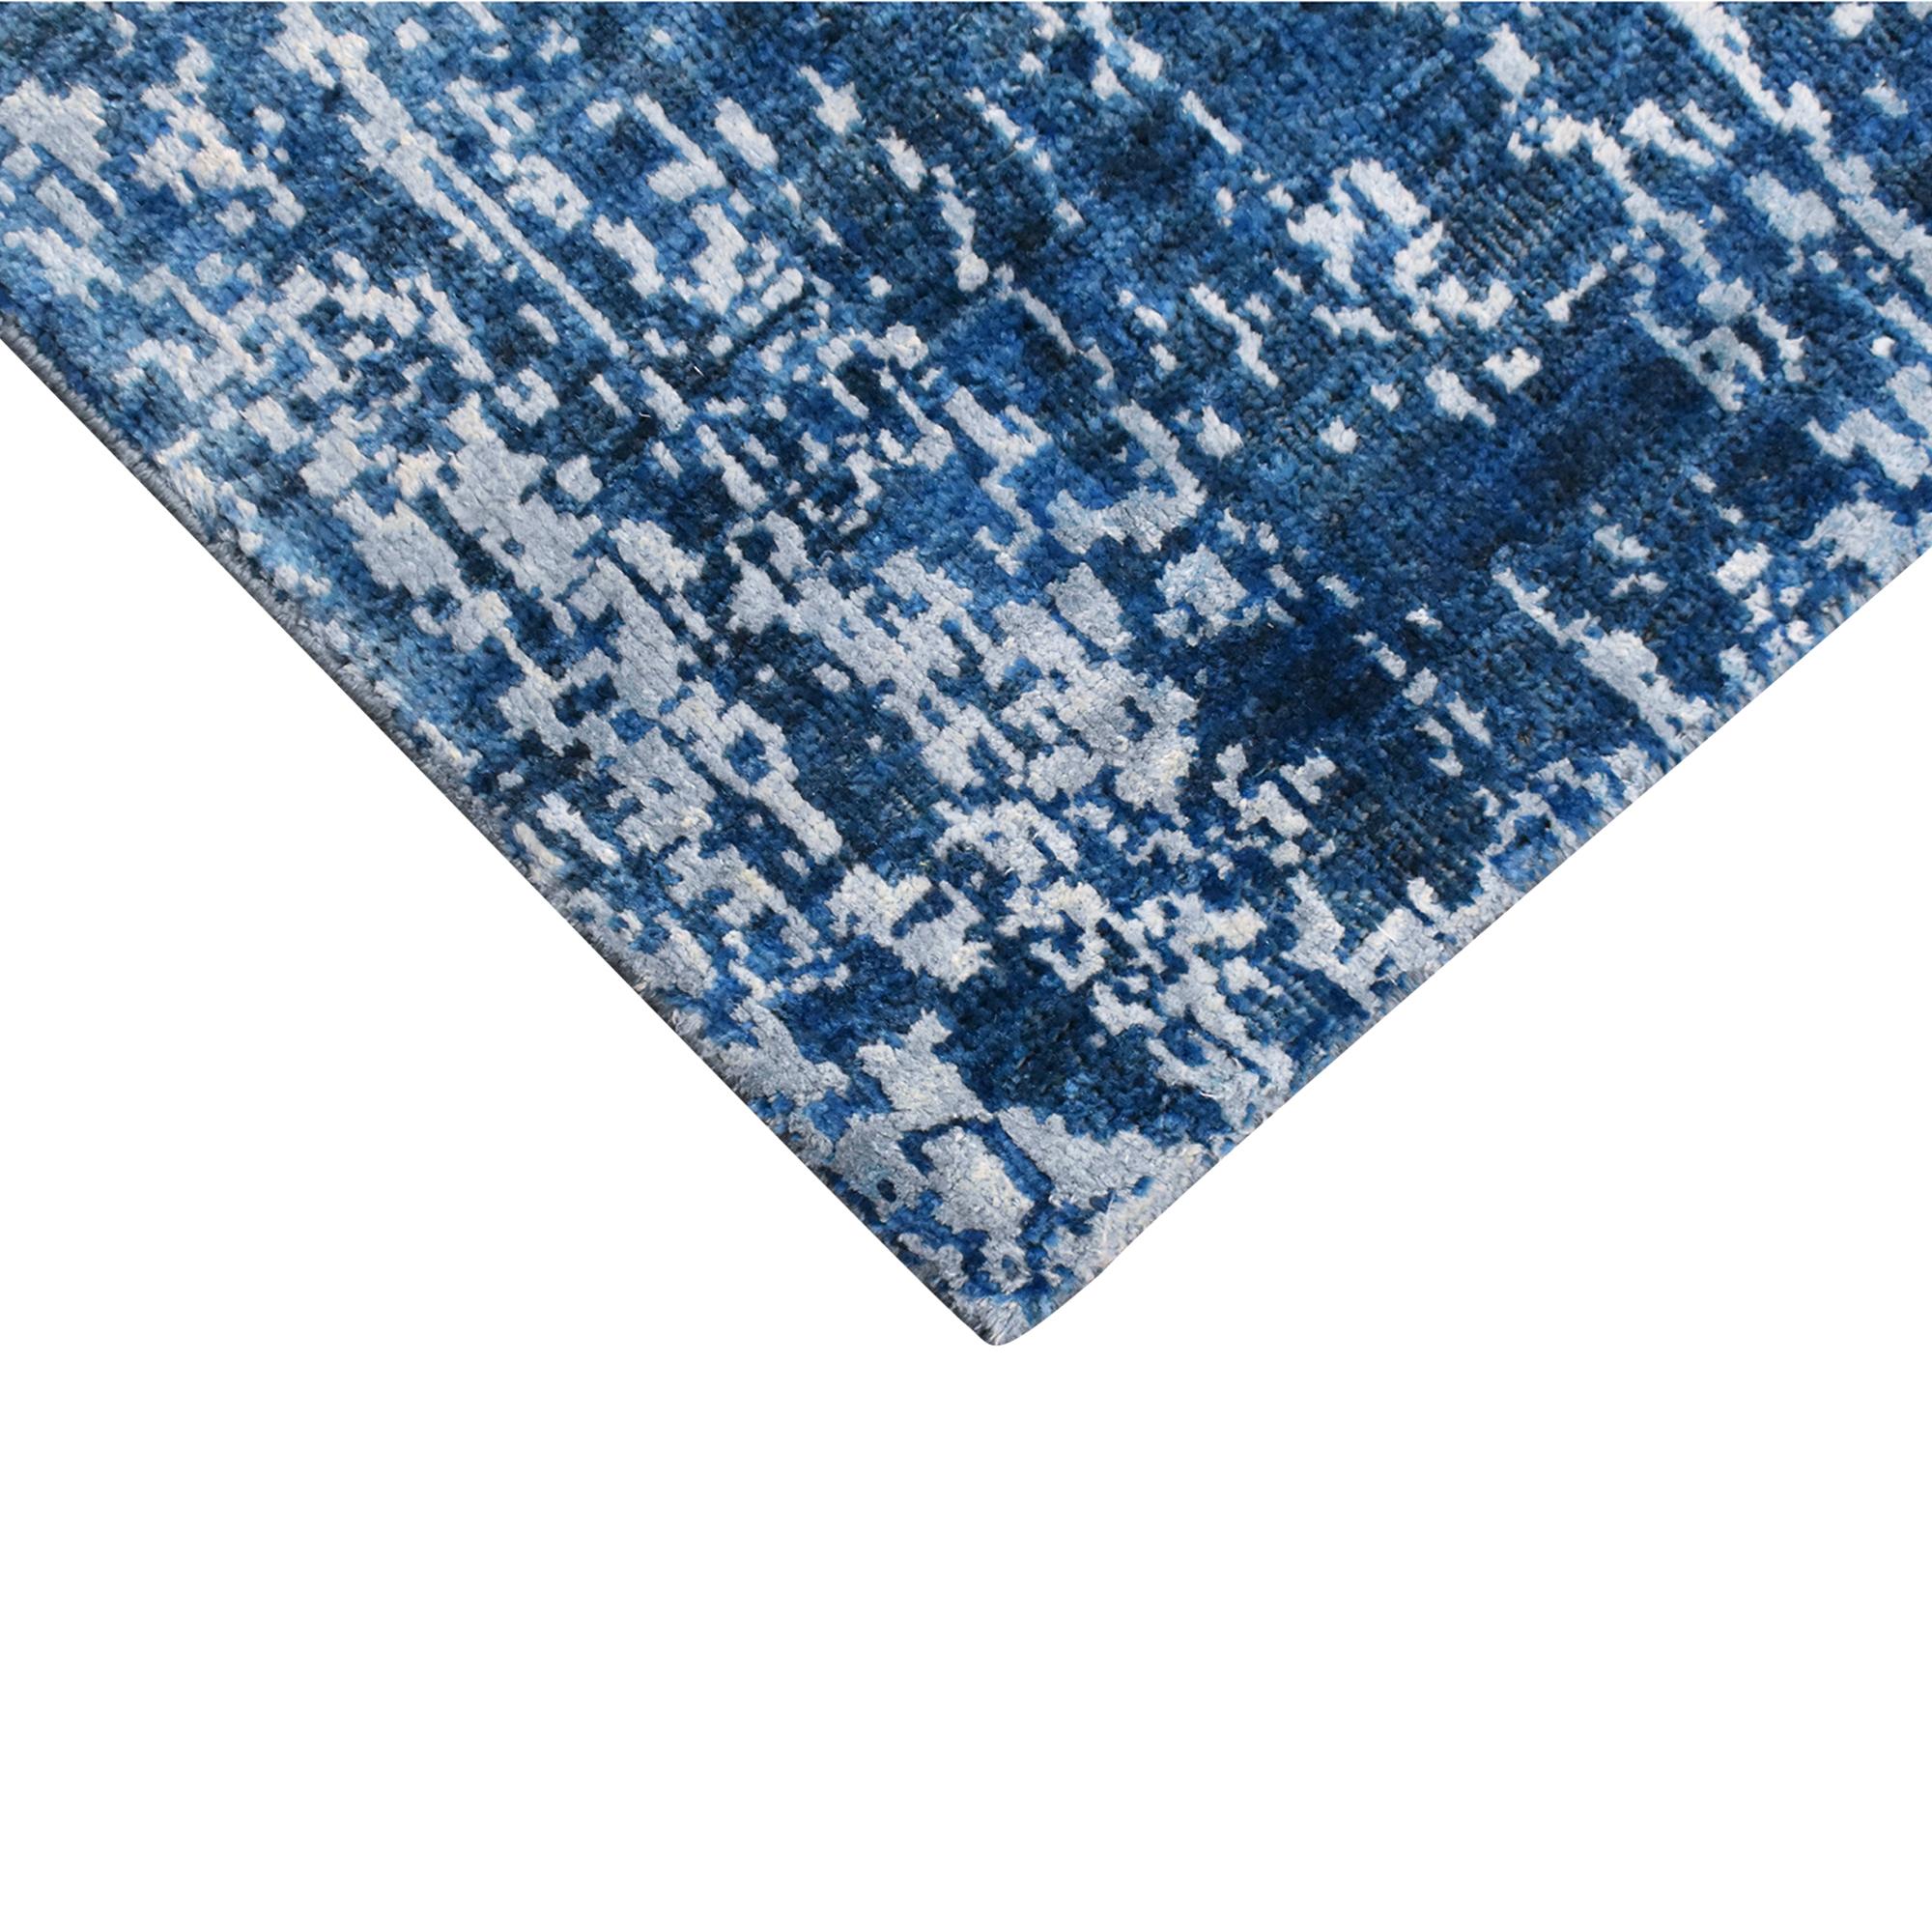 shop ABC Carpet & Home Modern Area Rug ABC Carpet & Home Decor